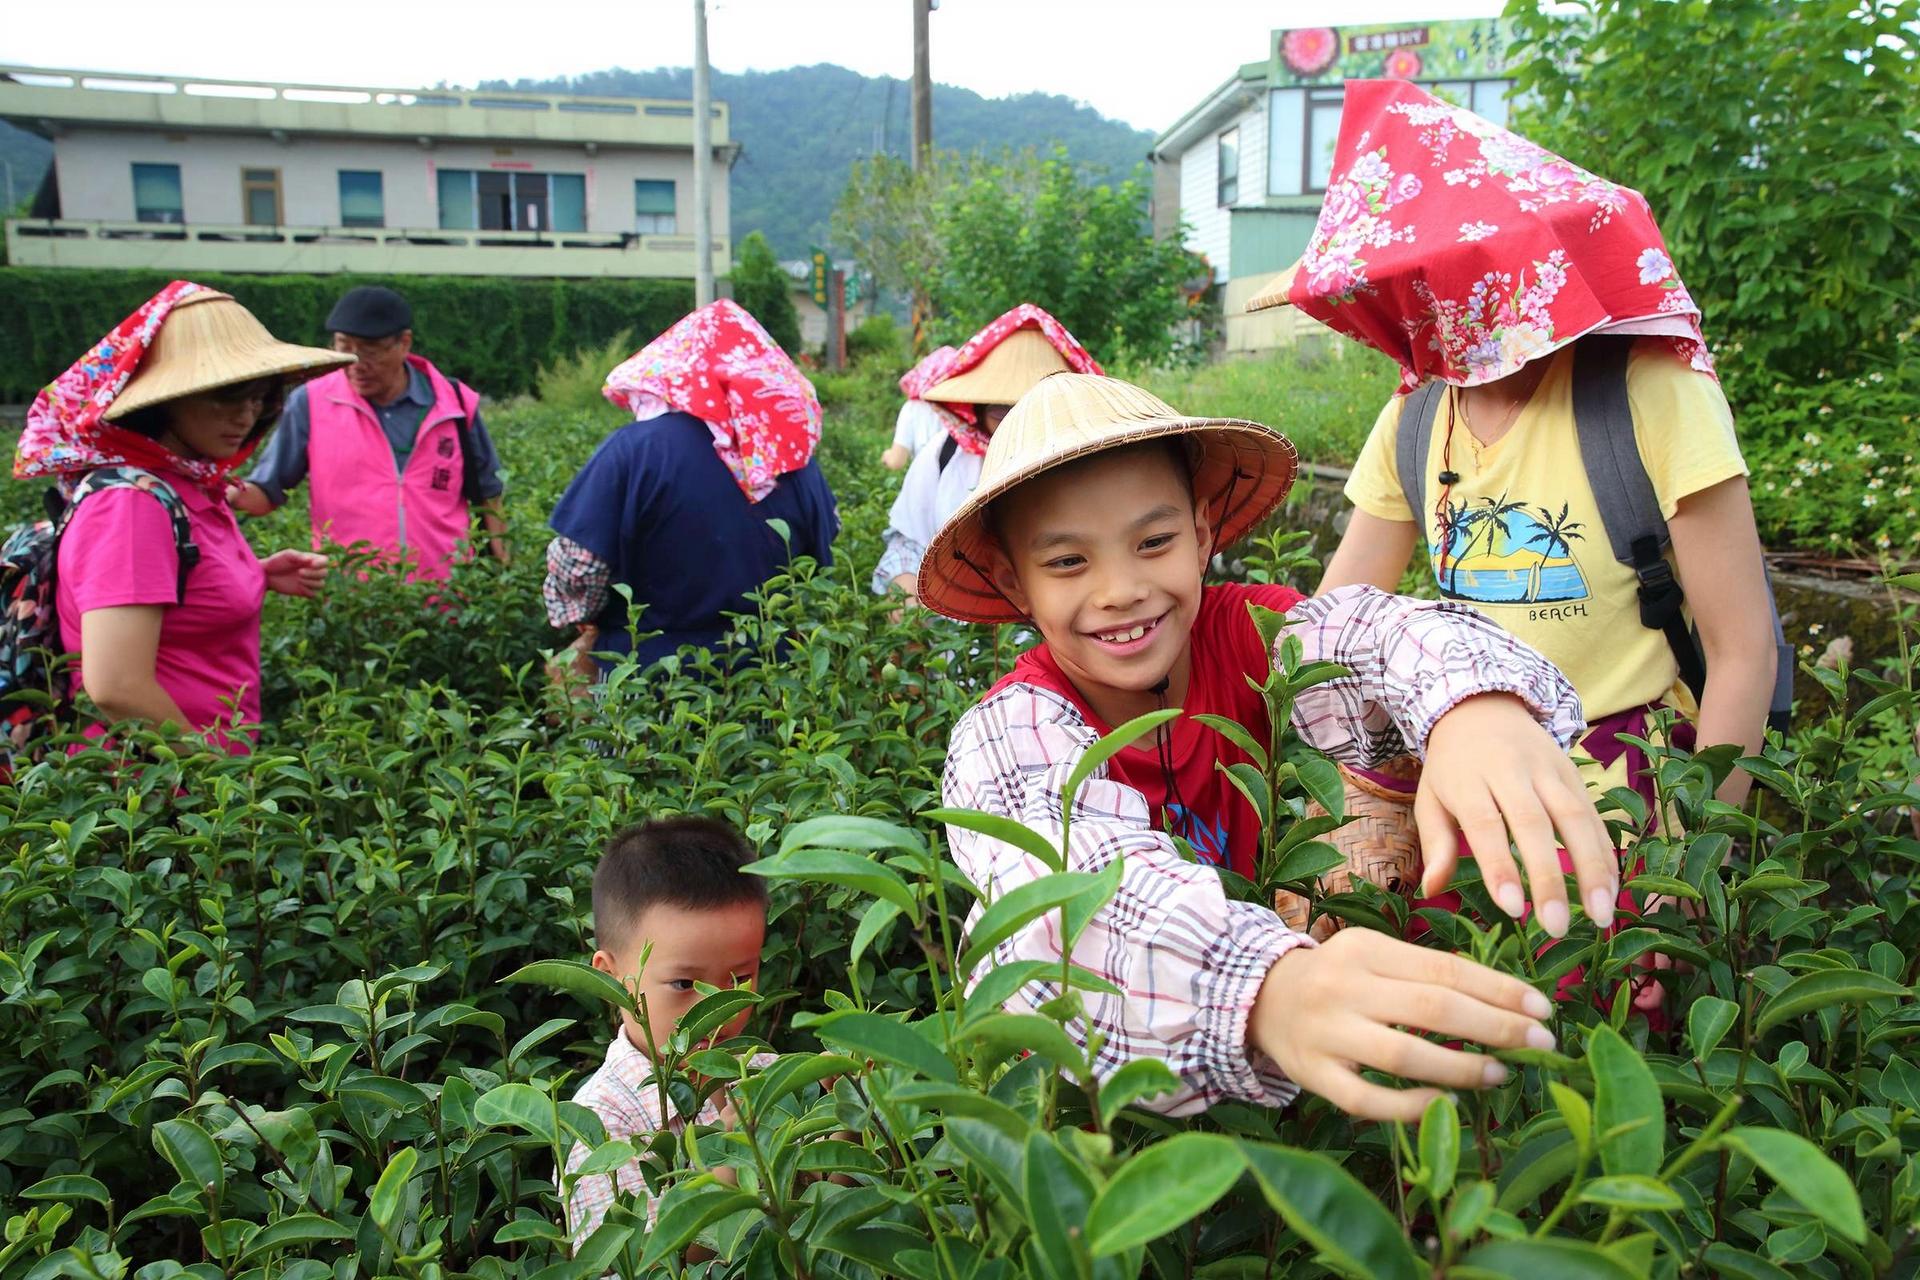 「宜蘭縣冬山鄉中山休閒農業區」是臺灣最早成立的示範農業區之一,境內以種柚、種茶為主要產業,包括香格里拉休閒農場、三富休閒農場、東風有機休閒農場等大型農場以及小農互結聯盟不搶客,共同發展地方特色,透過休閒農業讓原本可能凋零的農村再復生機。當地茶園除了開放民眾體驗一心二葉茶職人農事活動,也發展出茶葉染布、茶凍雕和彩繪、綠茶酥DIY、利用茶苗做成「魚茶共生」盆栽等多元體驗及運用,為茶產業不斷加值。